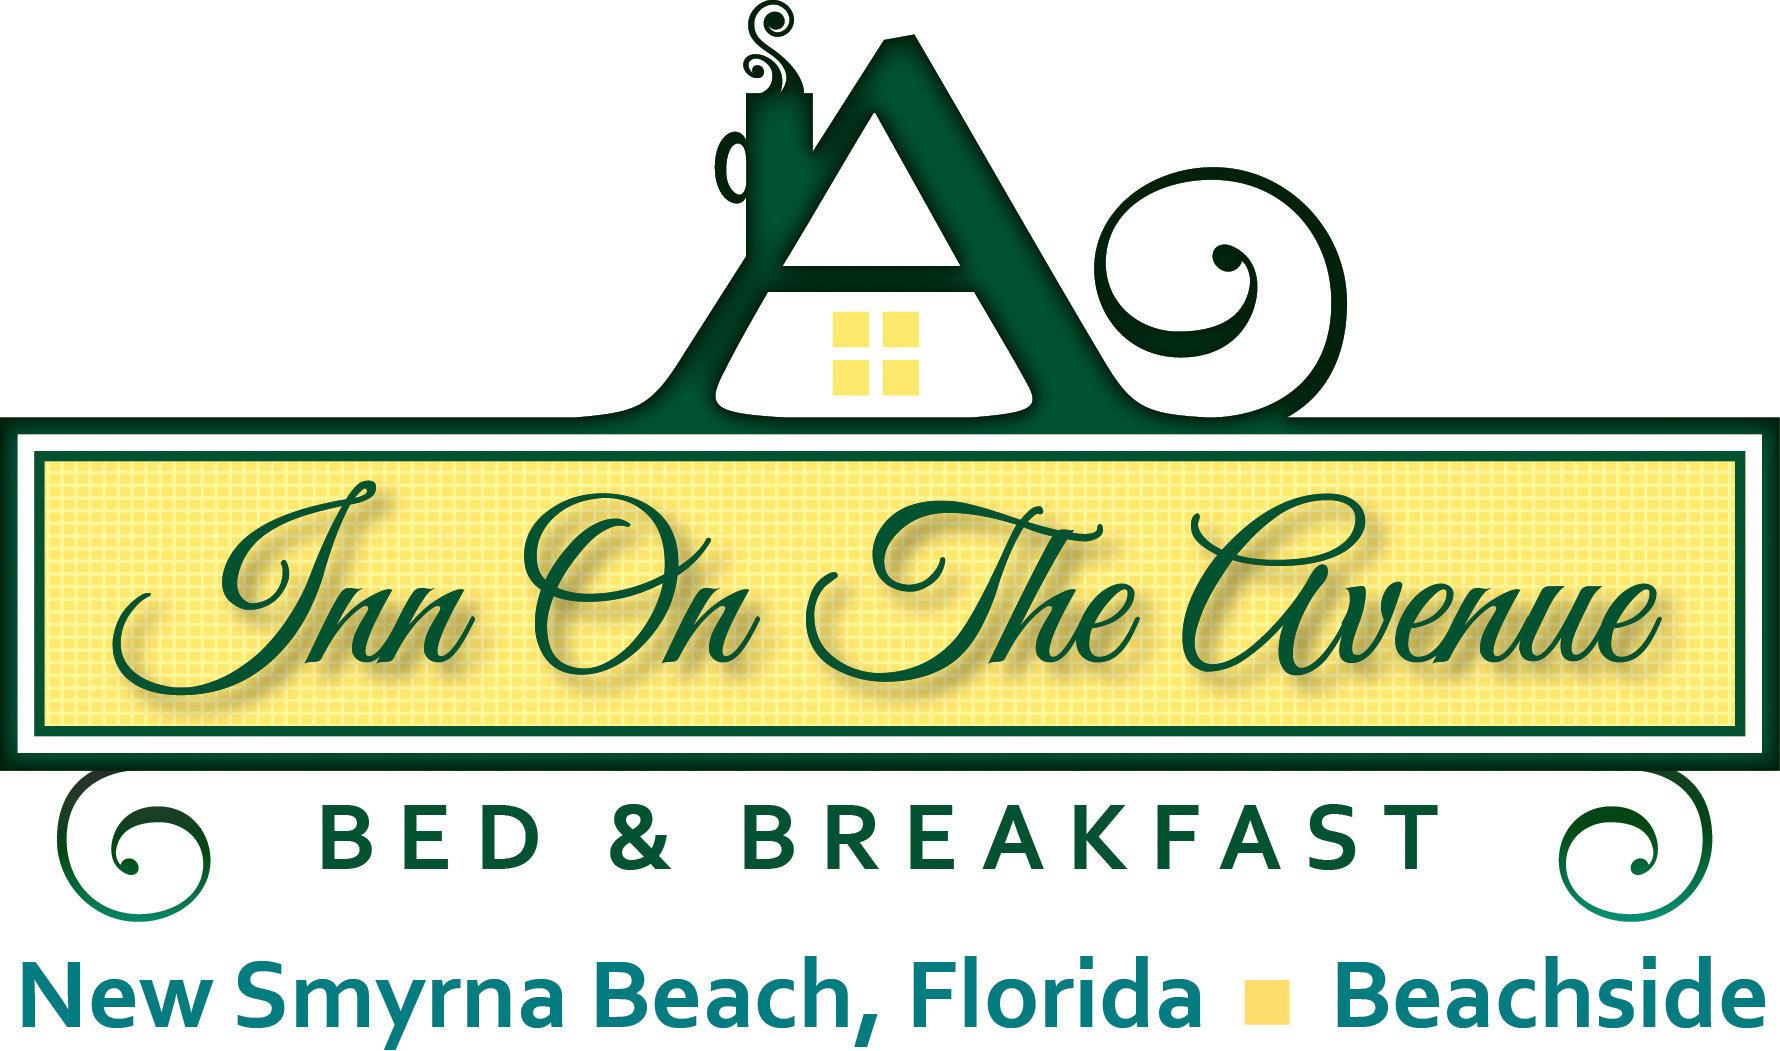 Inn on the Avenue Bed & Breakfast